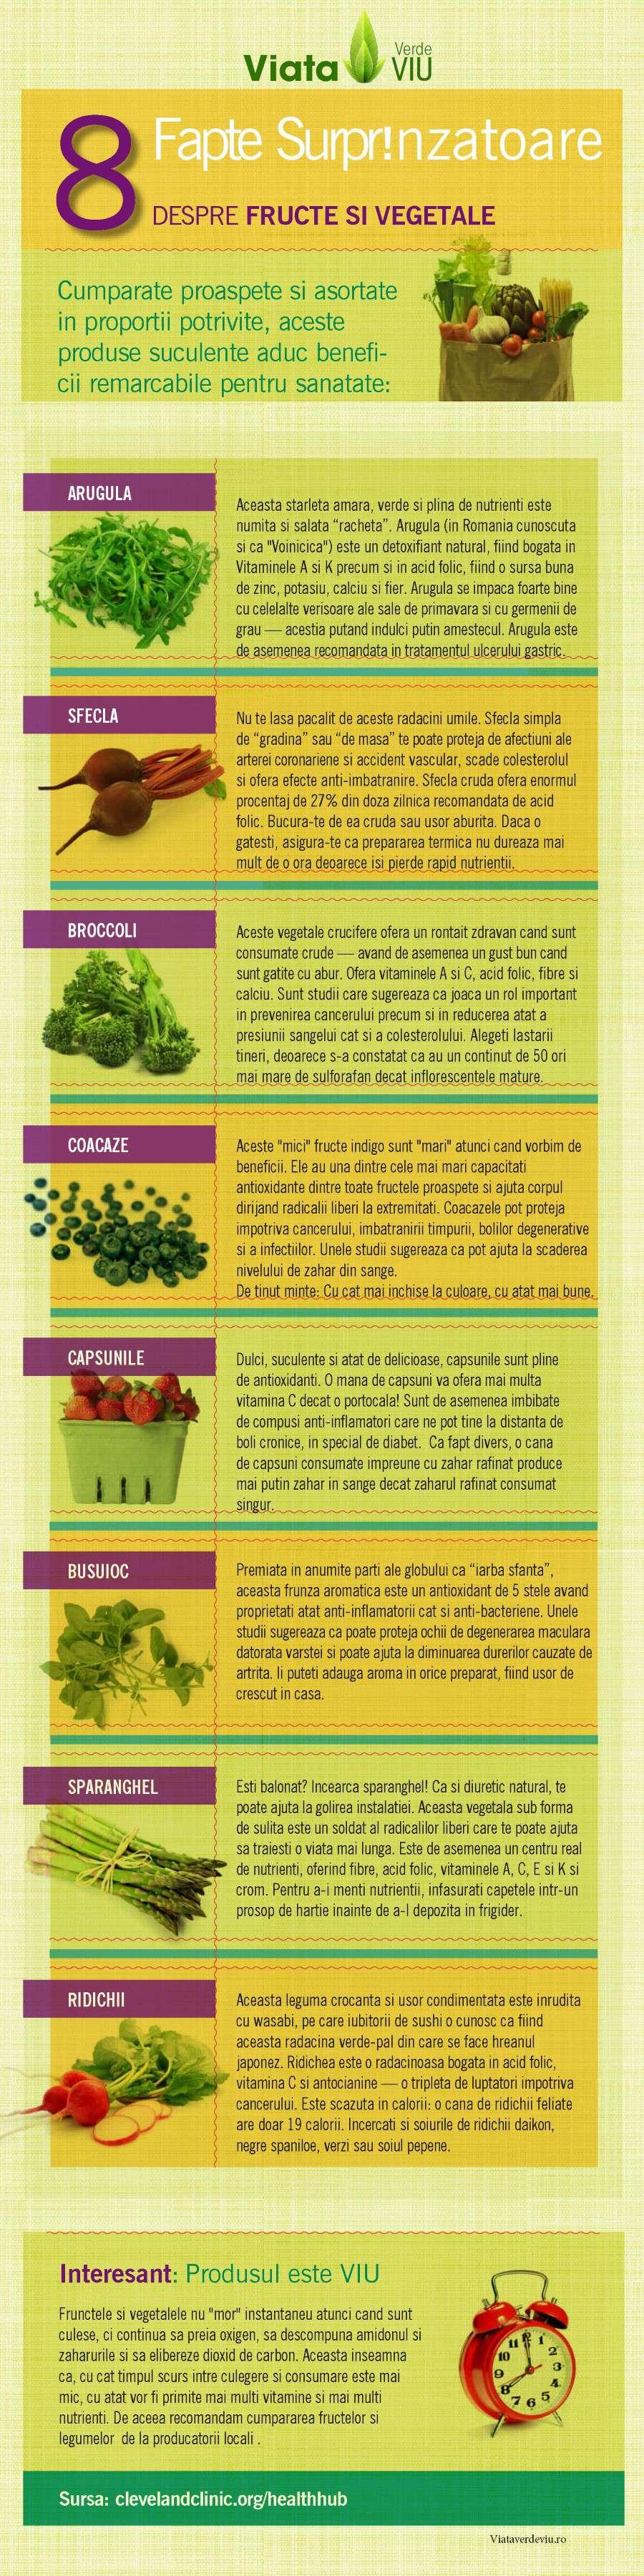 8 fapte surprinzatoare despre fructe si vegetale